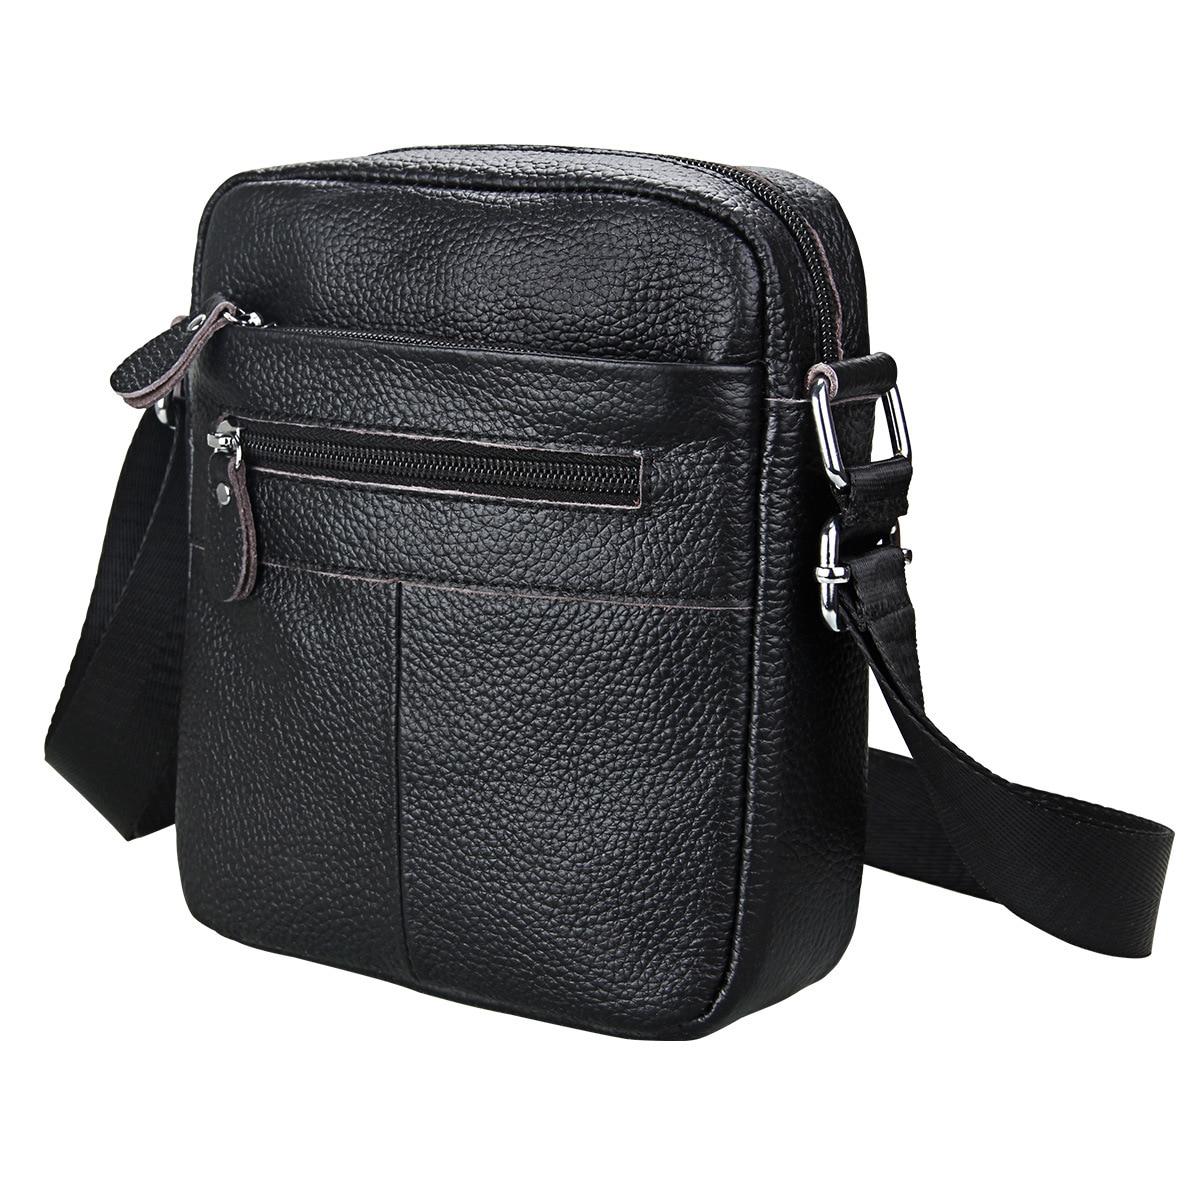 71f330f5ab14 Men Shoulder Bag Genuine Leather Small Messenger Bag Men Leather ...